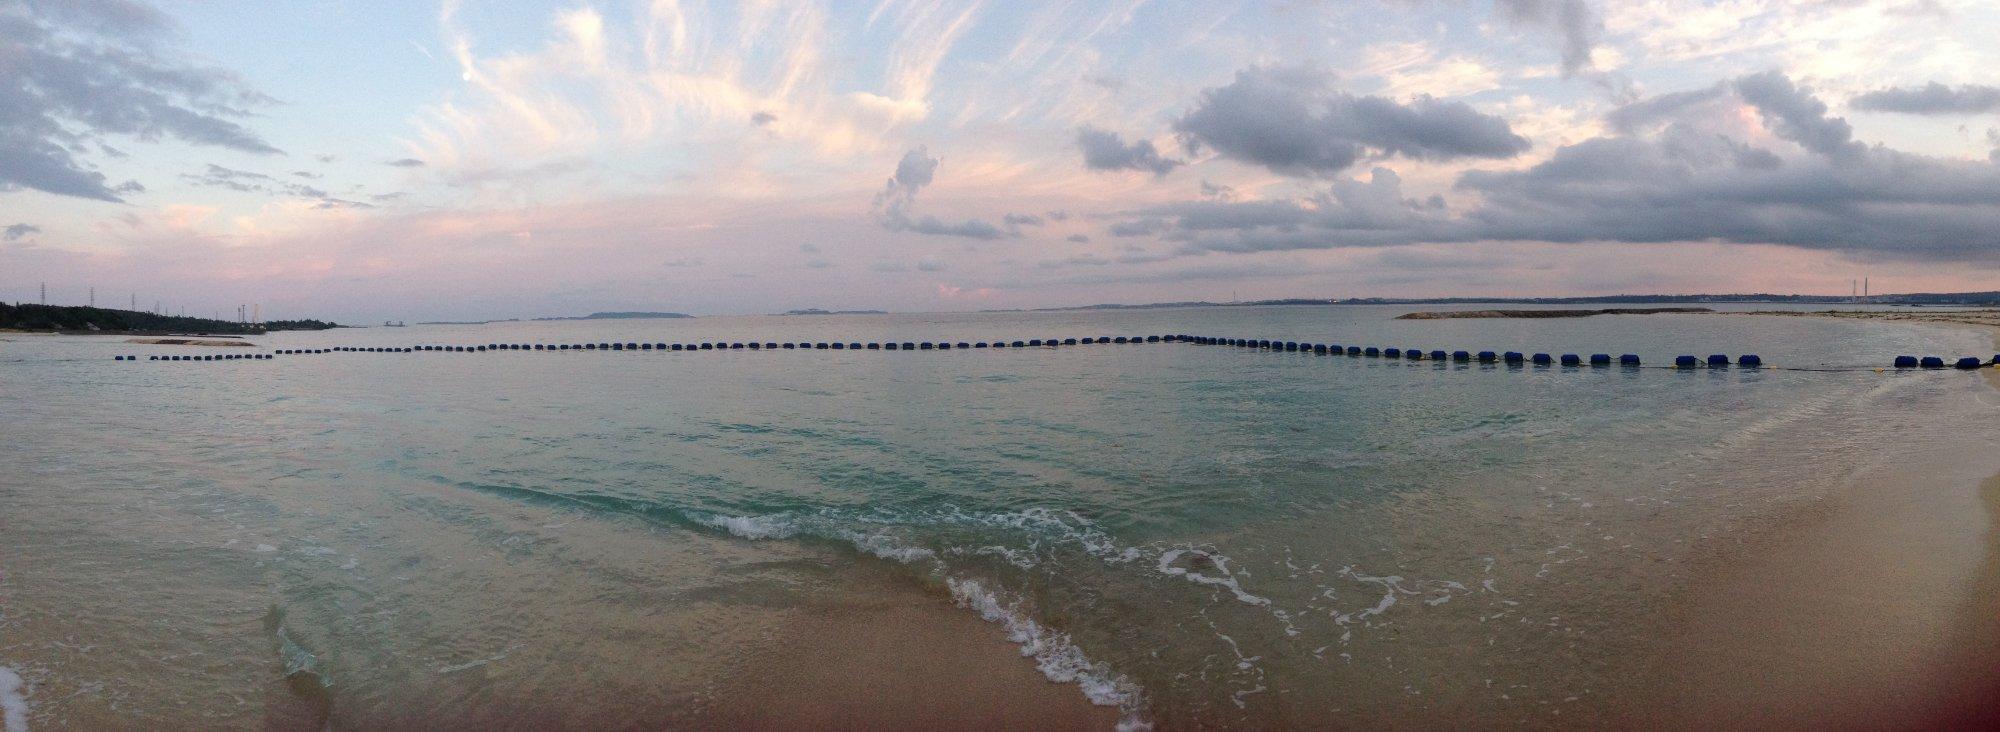 Нудистские пляжи в японии фото